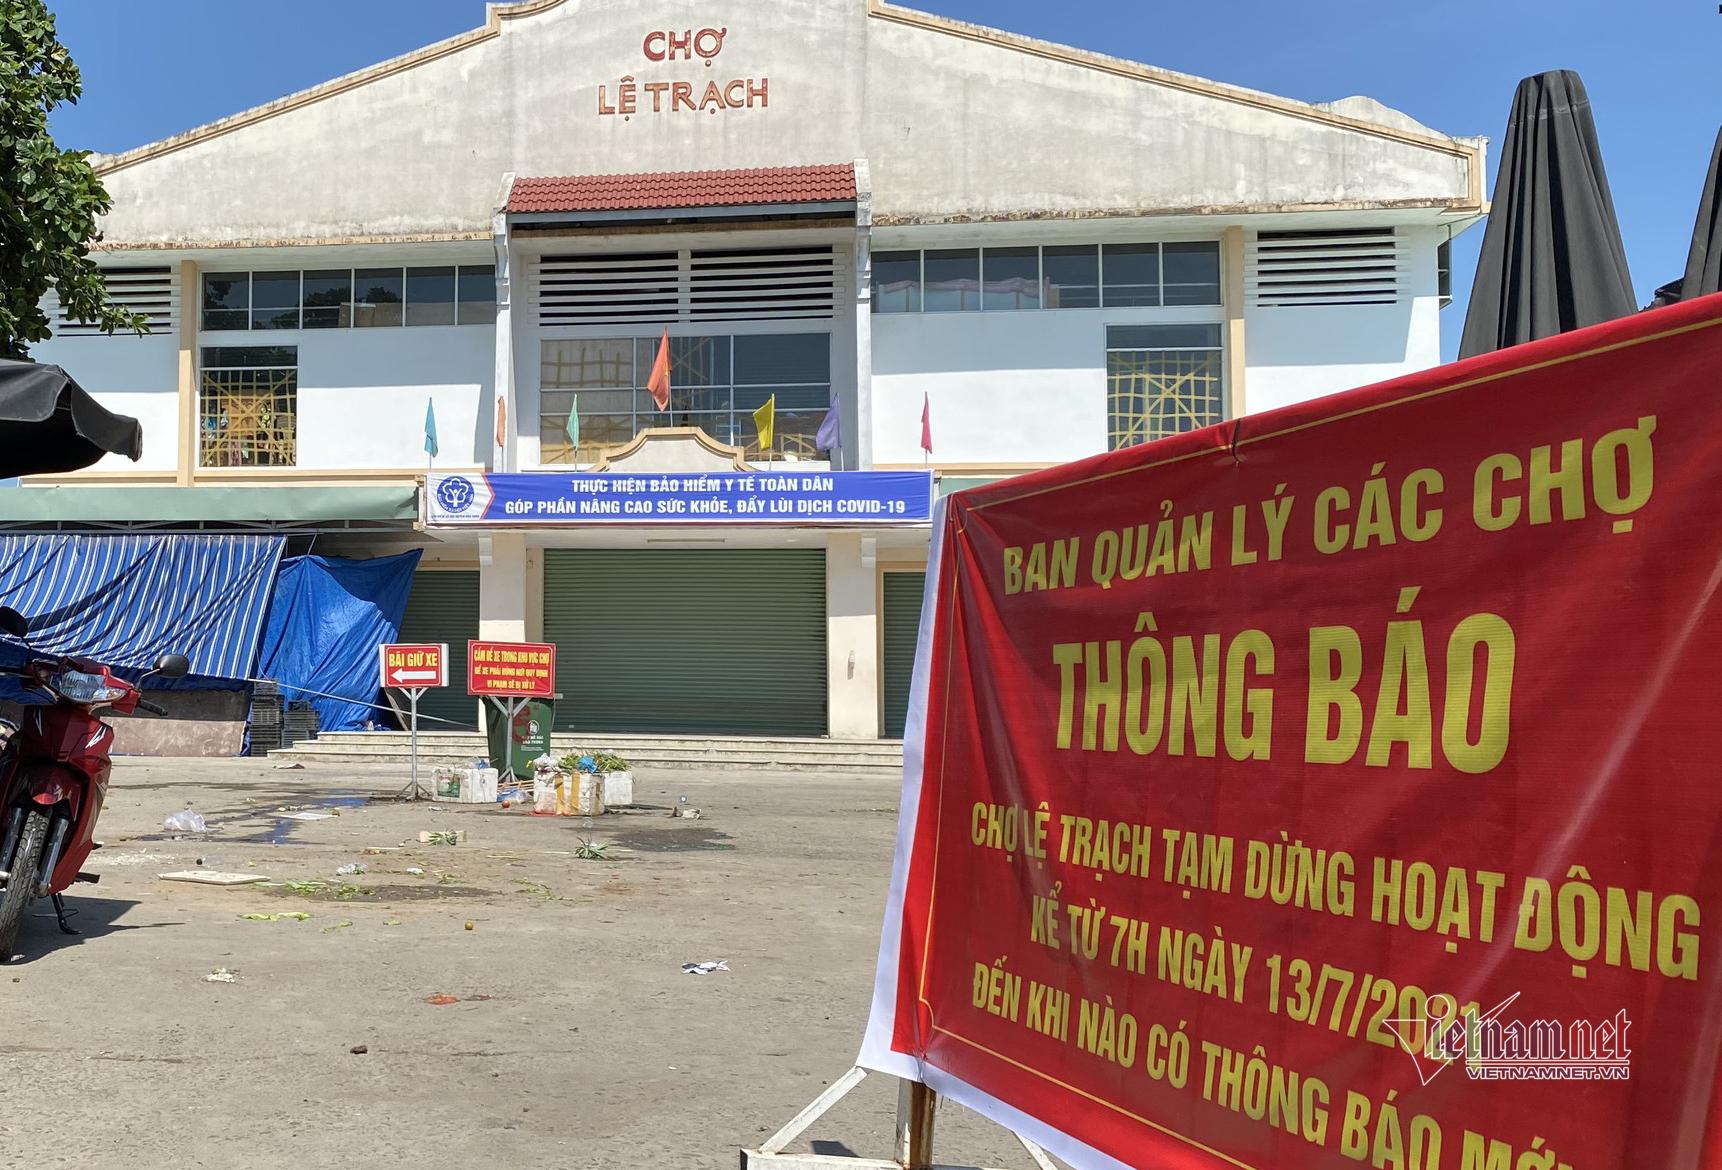 Có F0 ghé mua hàng, Đà Nẵng đóng cửa một chợ, xét nghiệm 300 tiểu thương